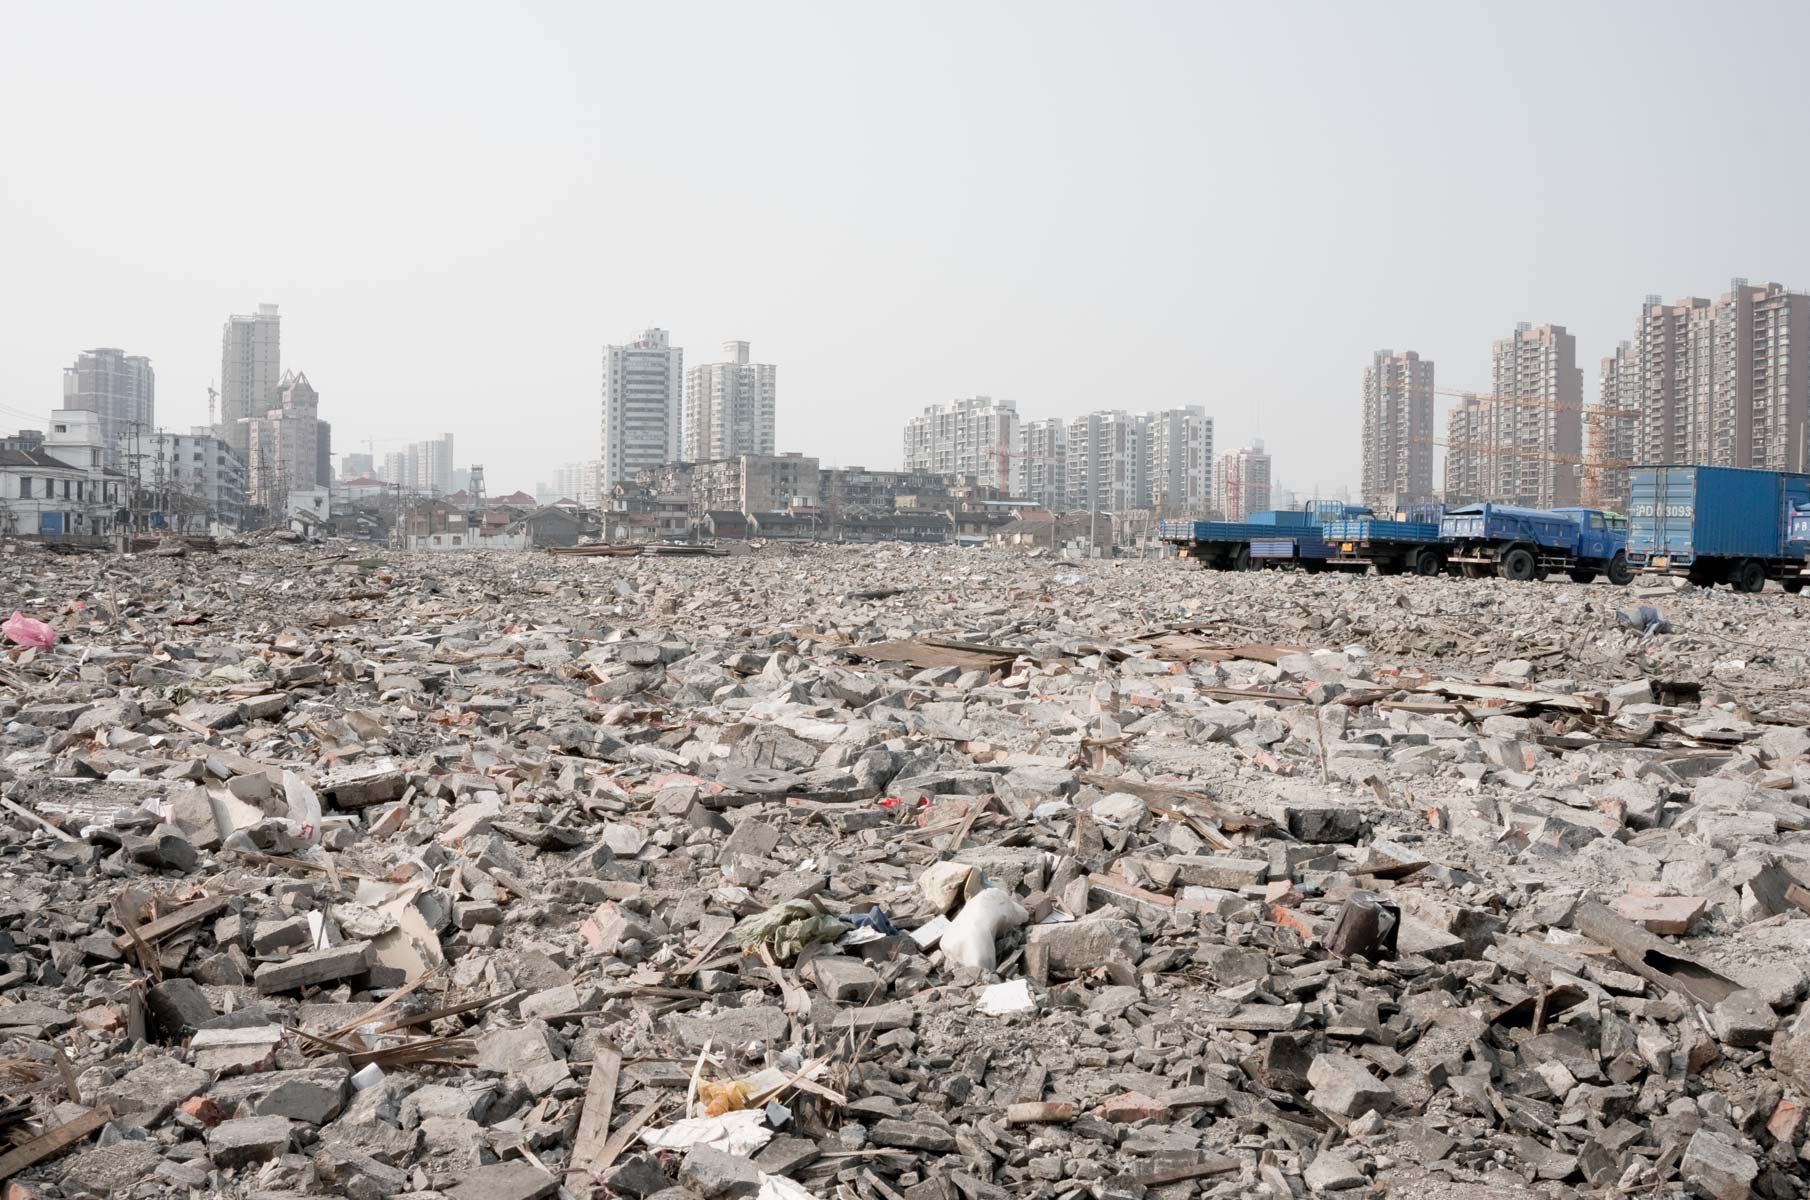 Abbruch von alten Wohnvierteln in Shanghai, China